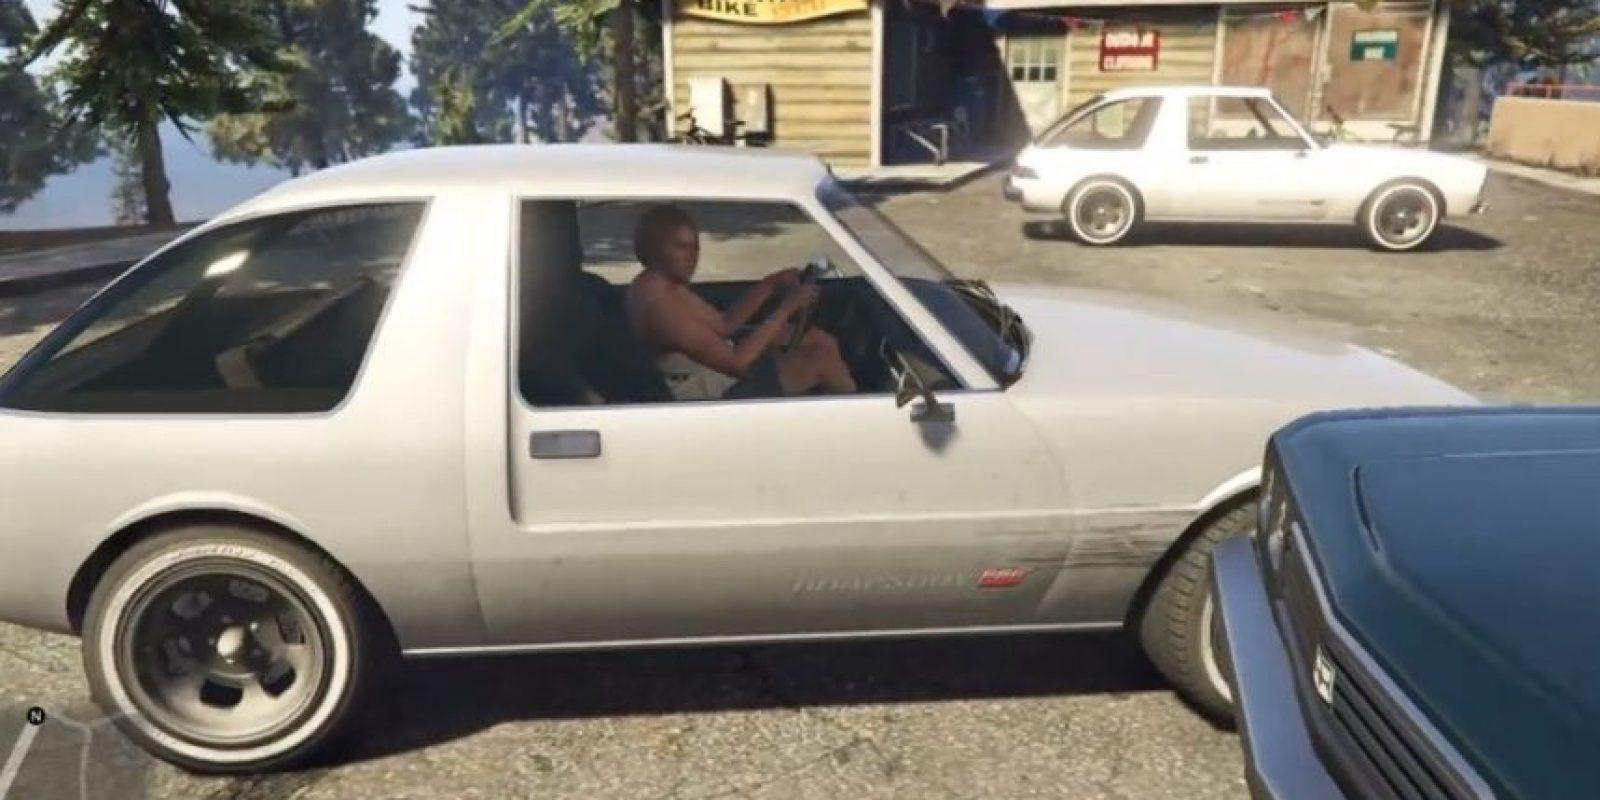 La mujer inclusive choca contra otro auto estacionado. Foto:GTA V/ Rockstar Games / YouTube